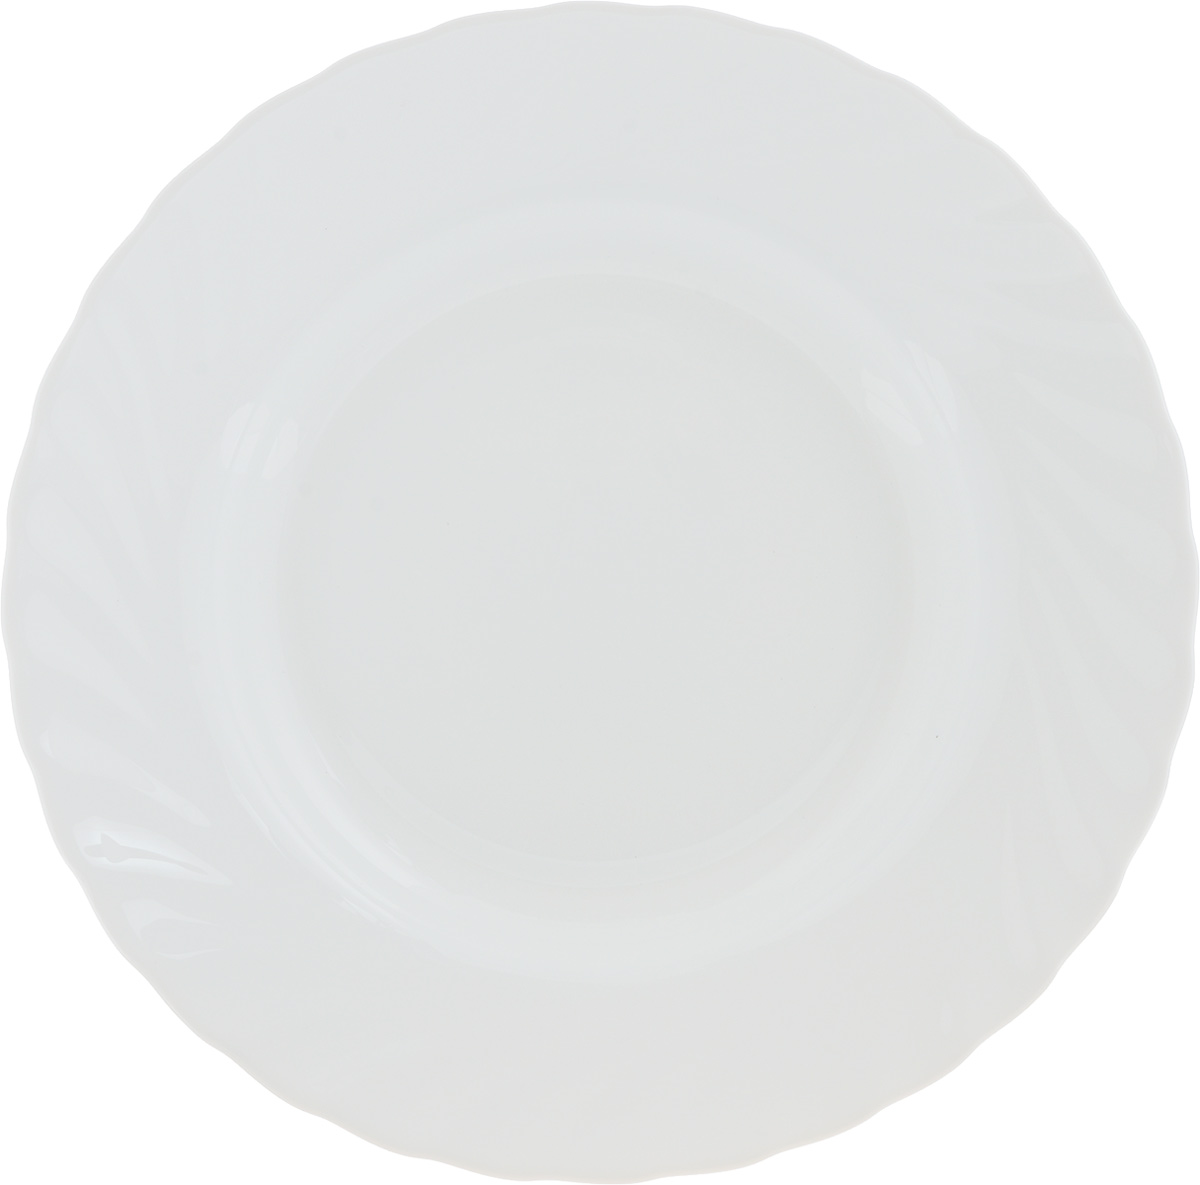 Тарелка суповая Luminarc Trianon White, диаметр 22 см салатник luminarc trianon  диаметр 12 см